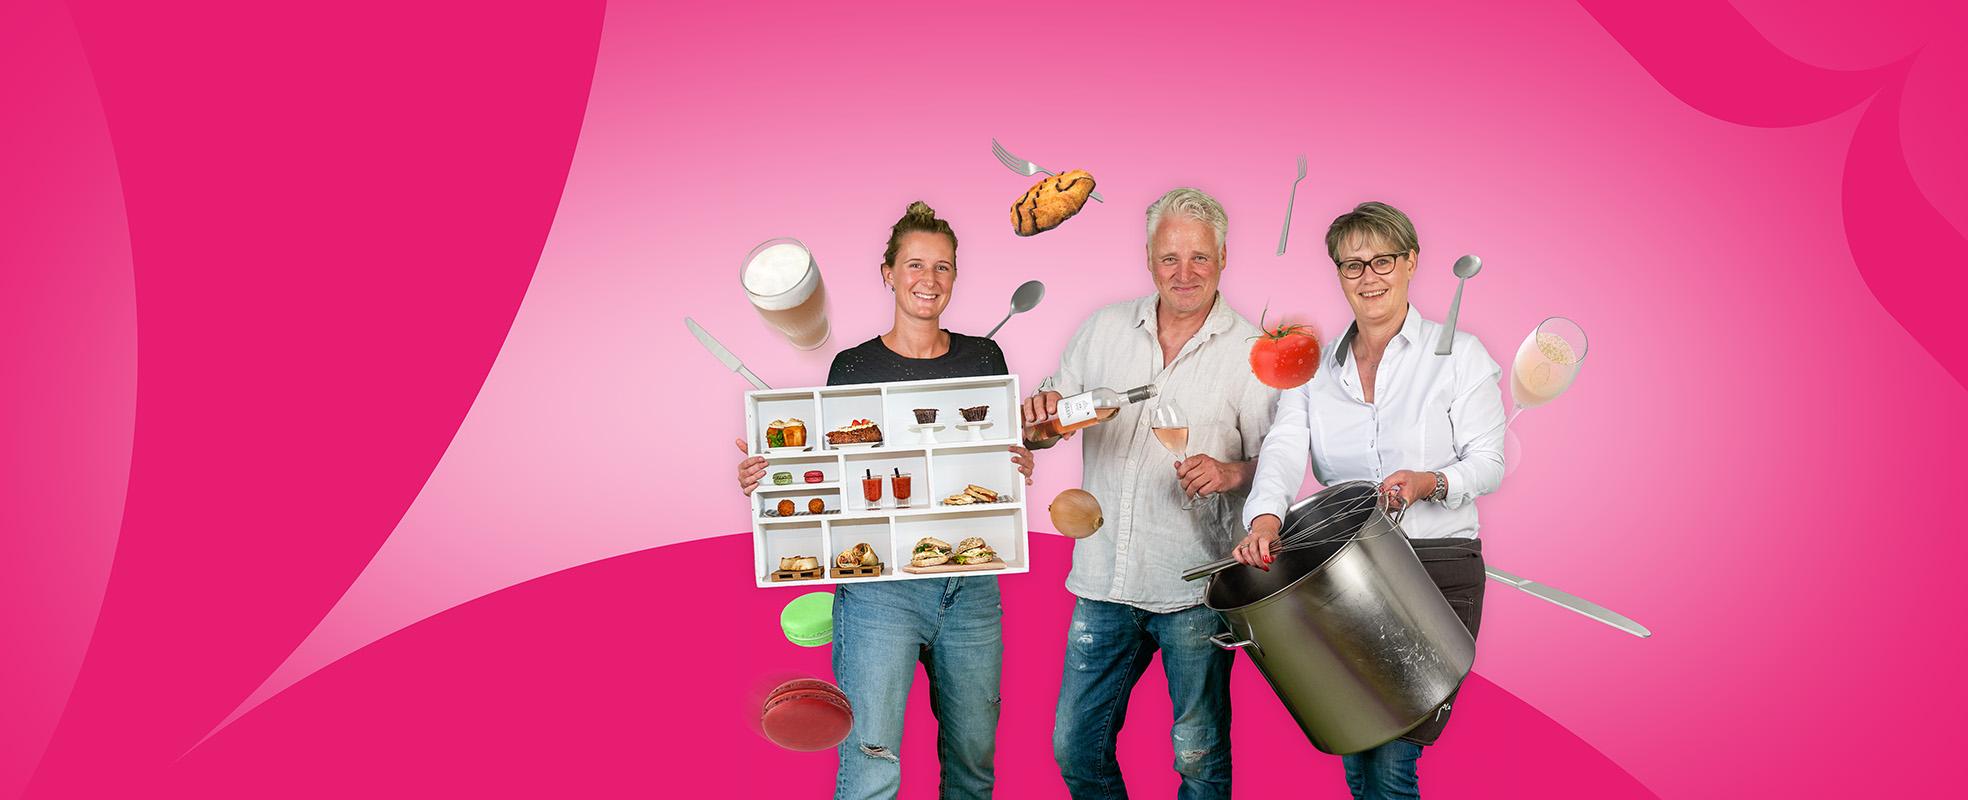 aalsmeer-centrum_ondernemers_banner3-dsk